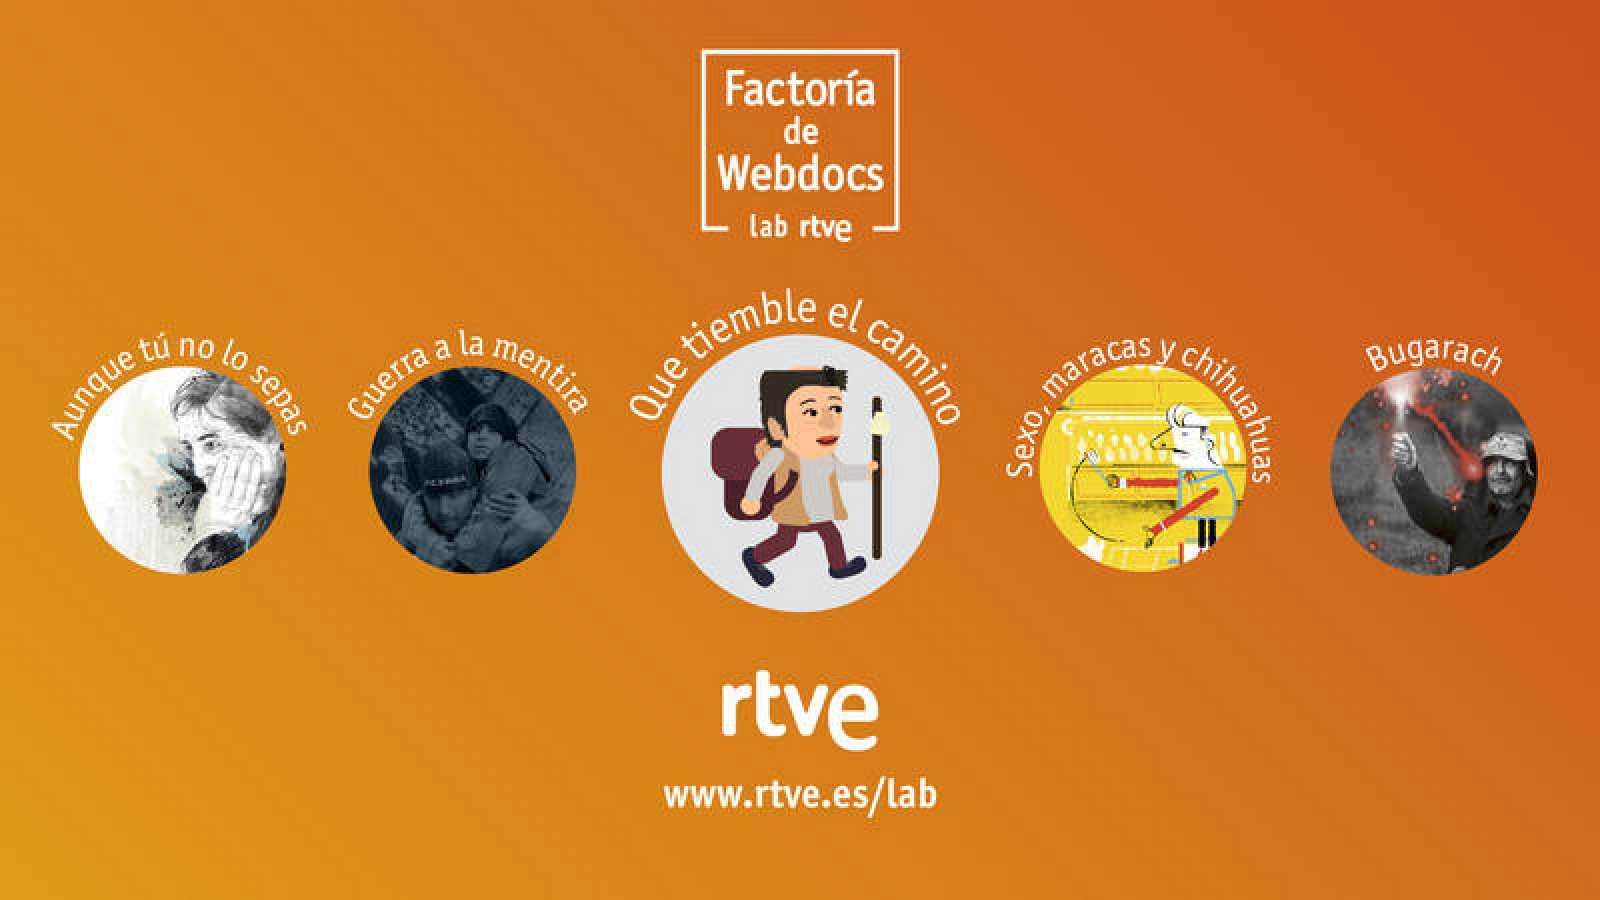 El Lab de RTVE.es pone en marcha 'Factoría de Webdocs'